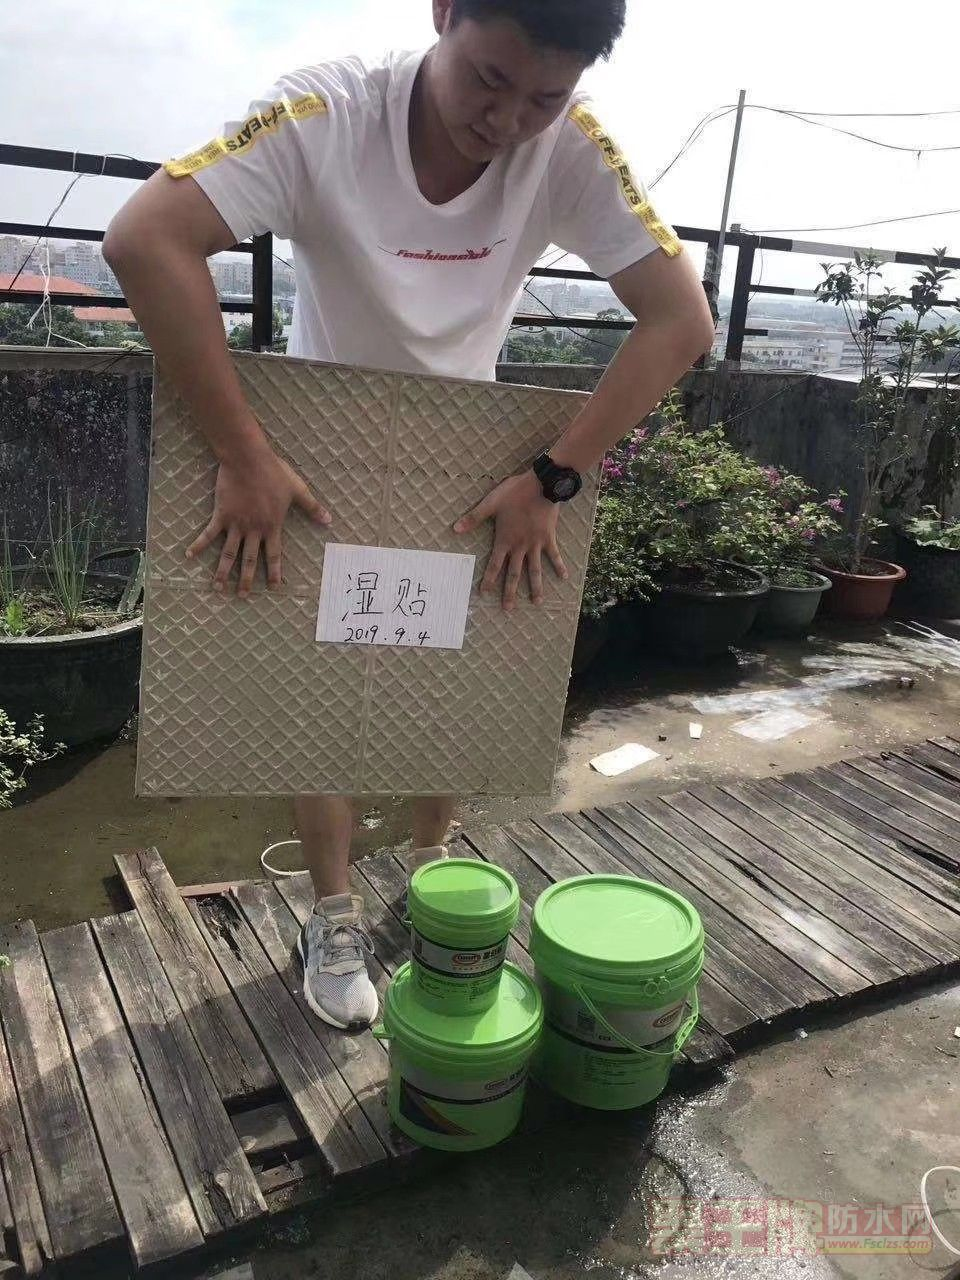 新疆嘉佰丽防水店 新疆程总搭乘6小时飞机来广州签约加盟嘉佰丽防水